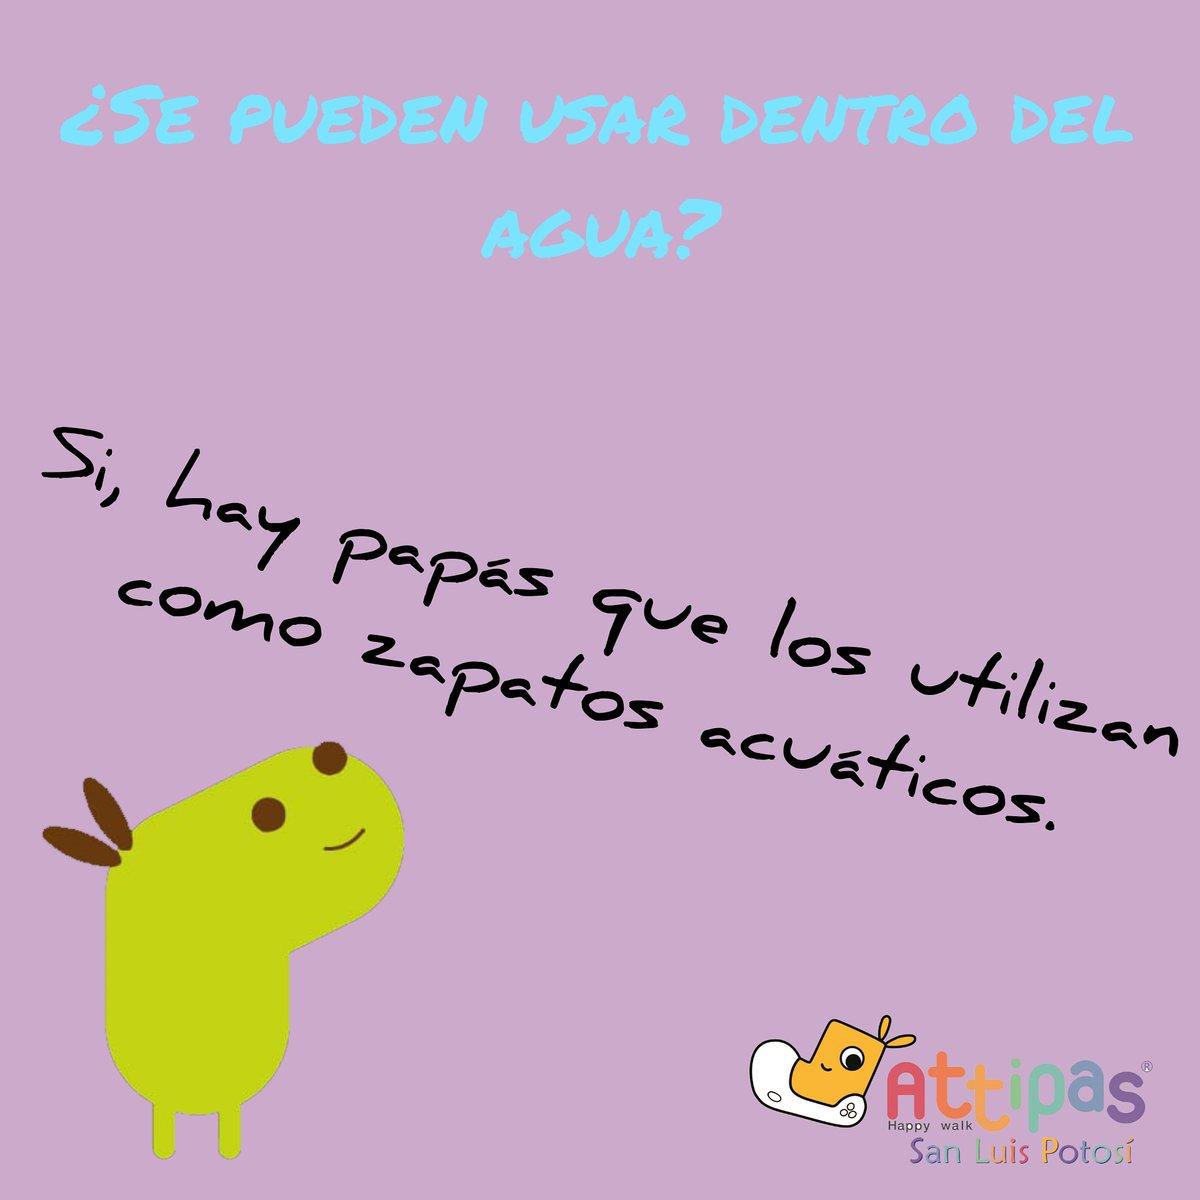 Attipas San Luis Potosí Responde: Por ser ligeros aún con agua no pesan, además protegen los pies de tu bebé de pisar piedras, de resbalones, etc... #attipas #SanLuisPotosí #México#desdeelpregateo #primerospasos #gateacaminasaltacrececonattipaspic.twitter.com/w4QEprwcC1